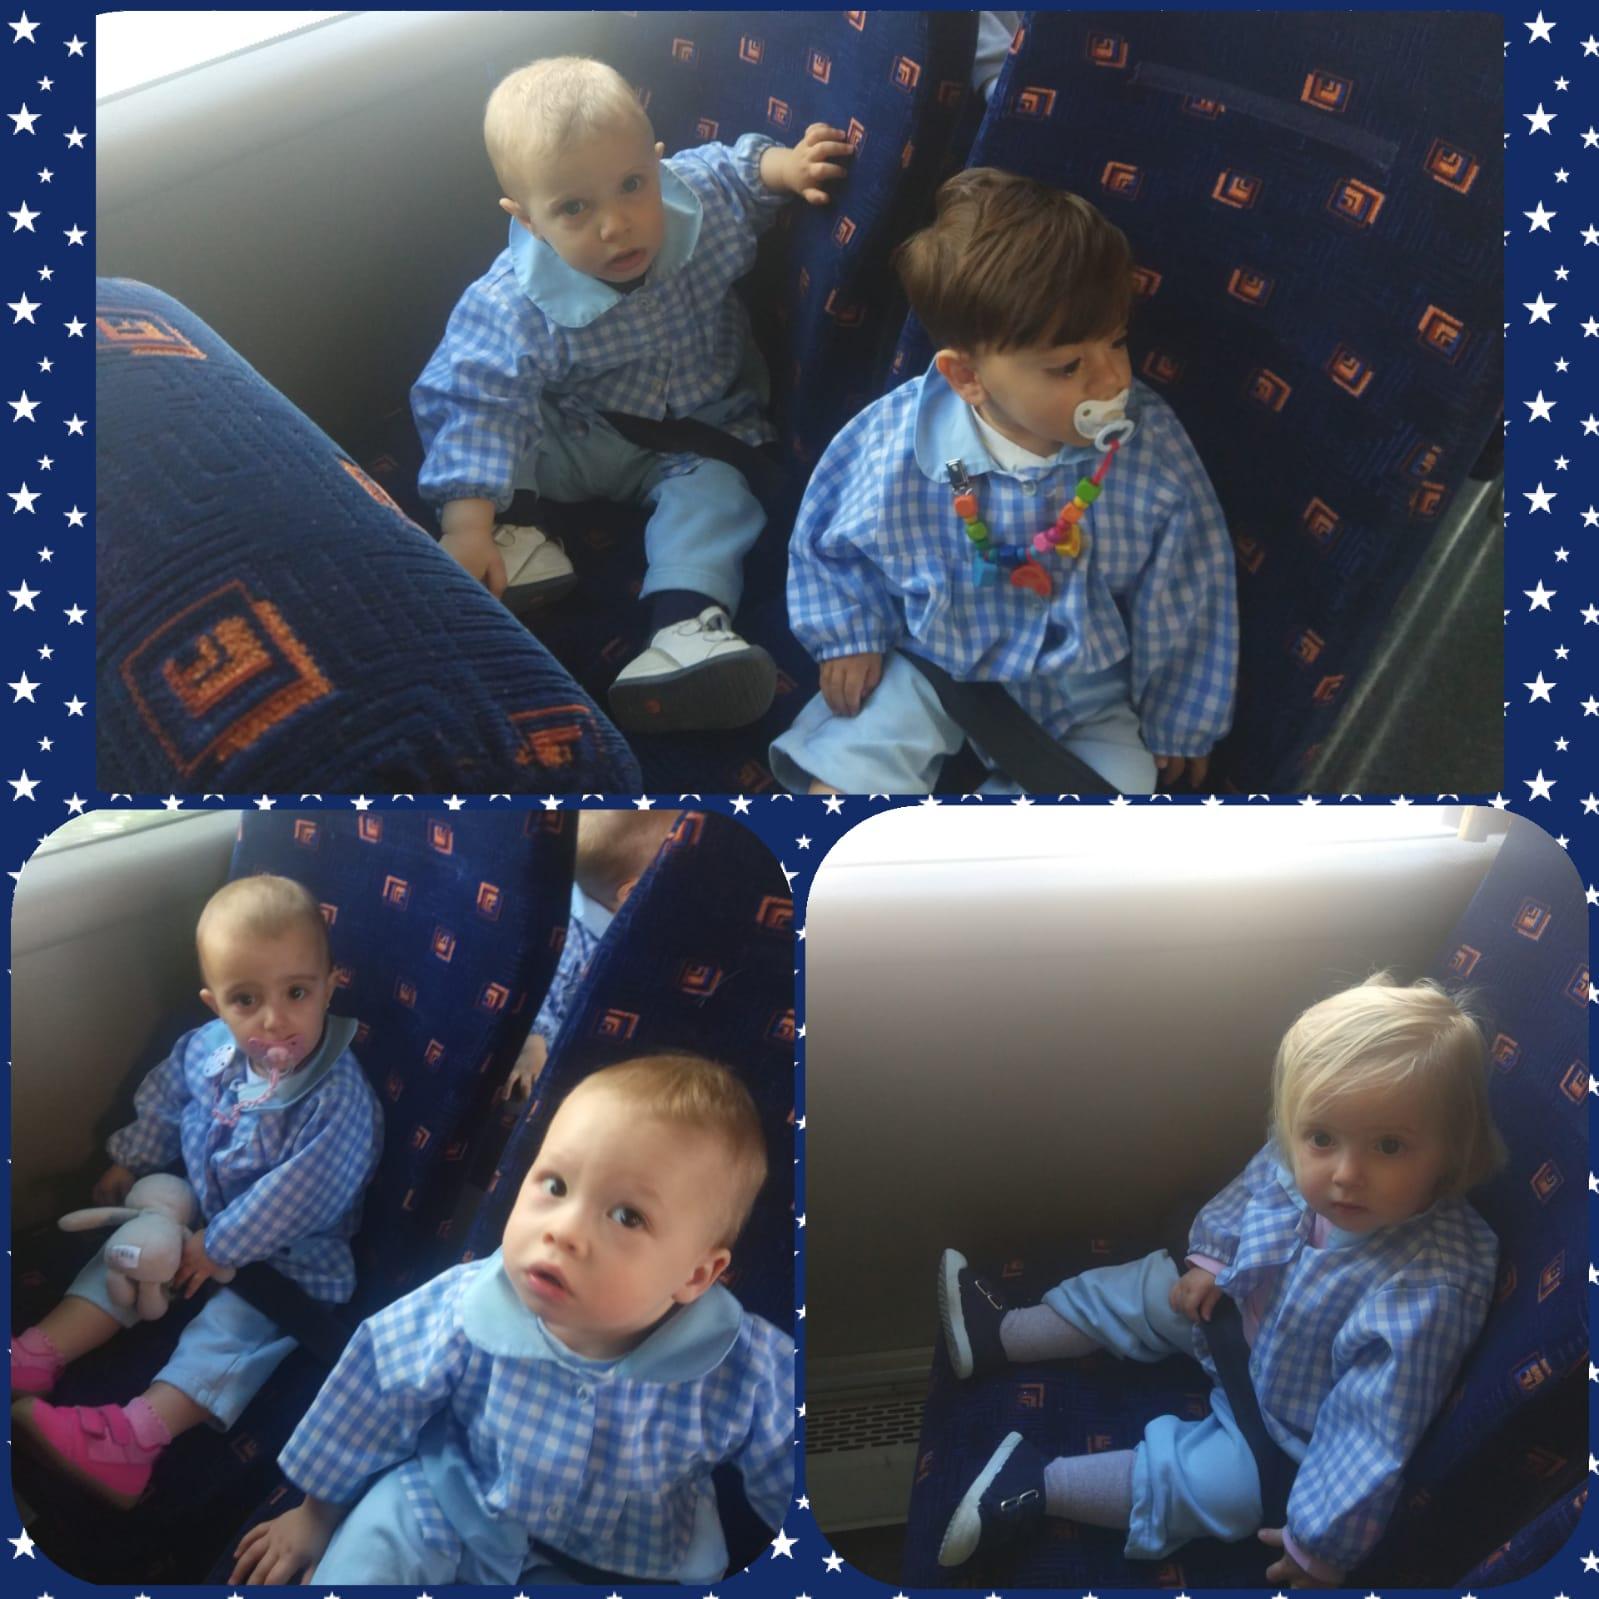 De vuelta en el bus